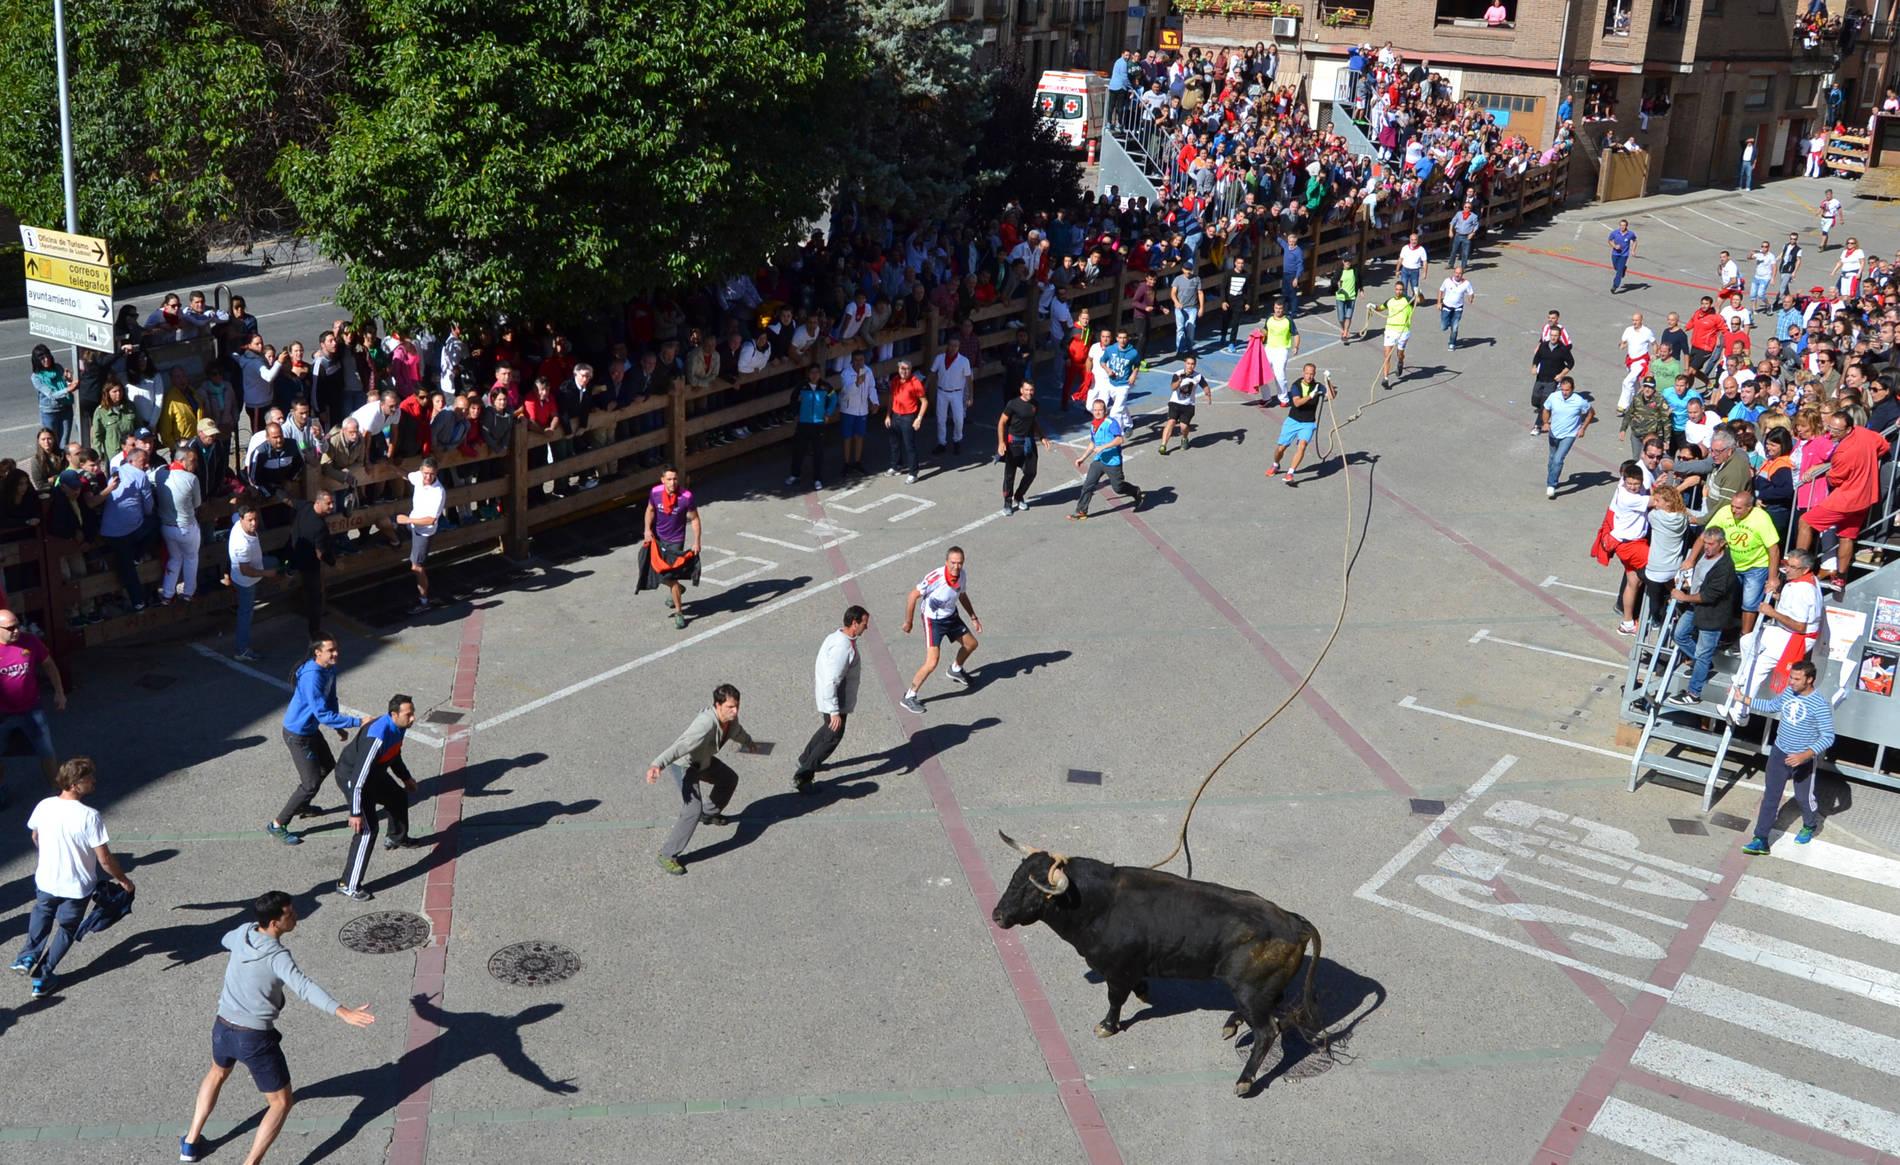 Toro con soga en Lodosa (1/7) - Galería de imágenes del toro con soga en Fiestas de Lodosa - Tierra Estella -